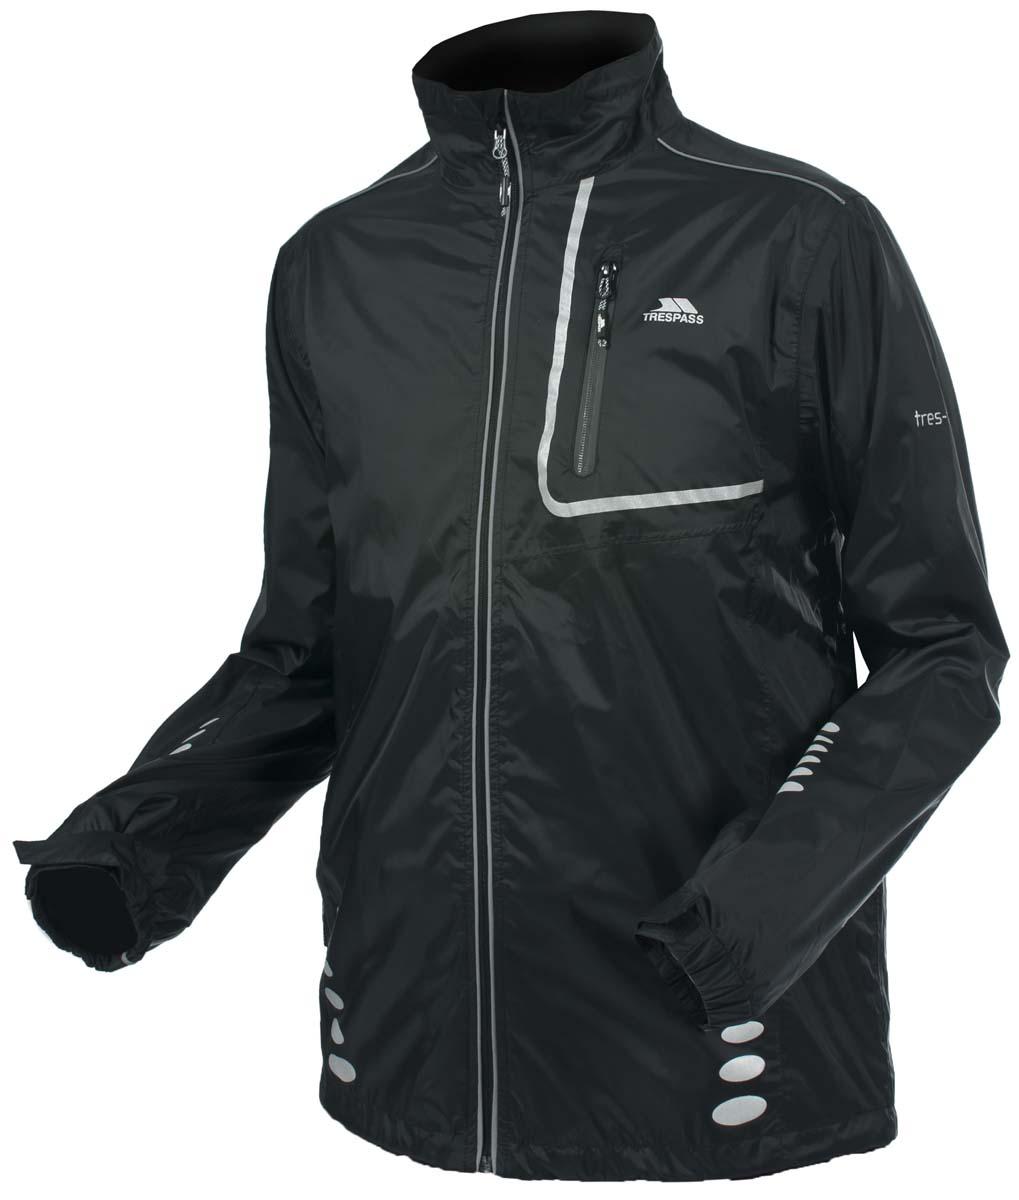 ВетровкаMAJKRAK20014Великолепная мужская куртка из мембранного материала с показателями водонепроницаемости 5000мм, дышимости 5000г/м2/24ч для занятия велоспортом. Светоотражающие вставки.